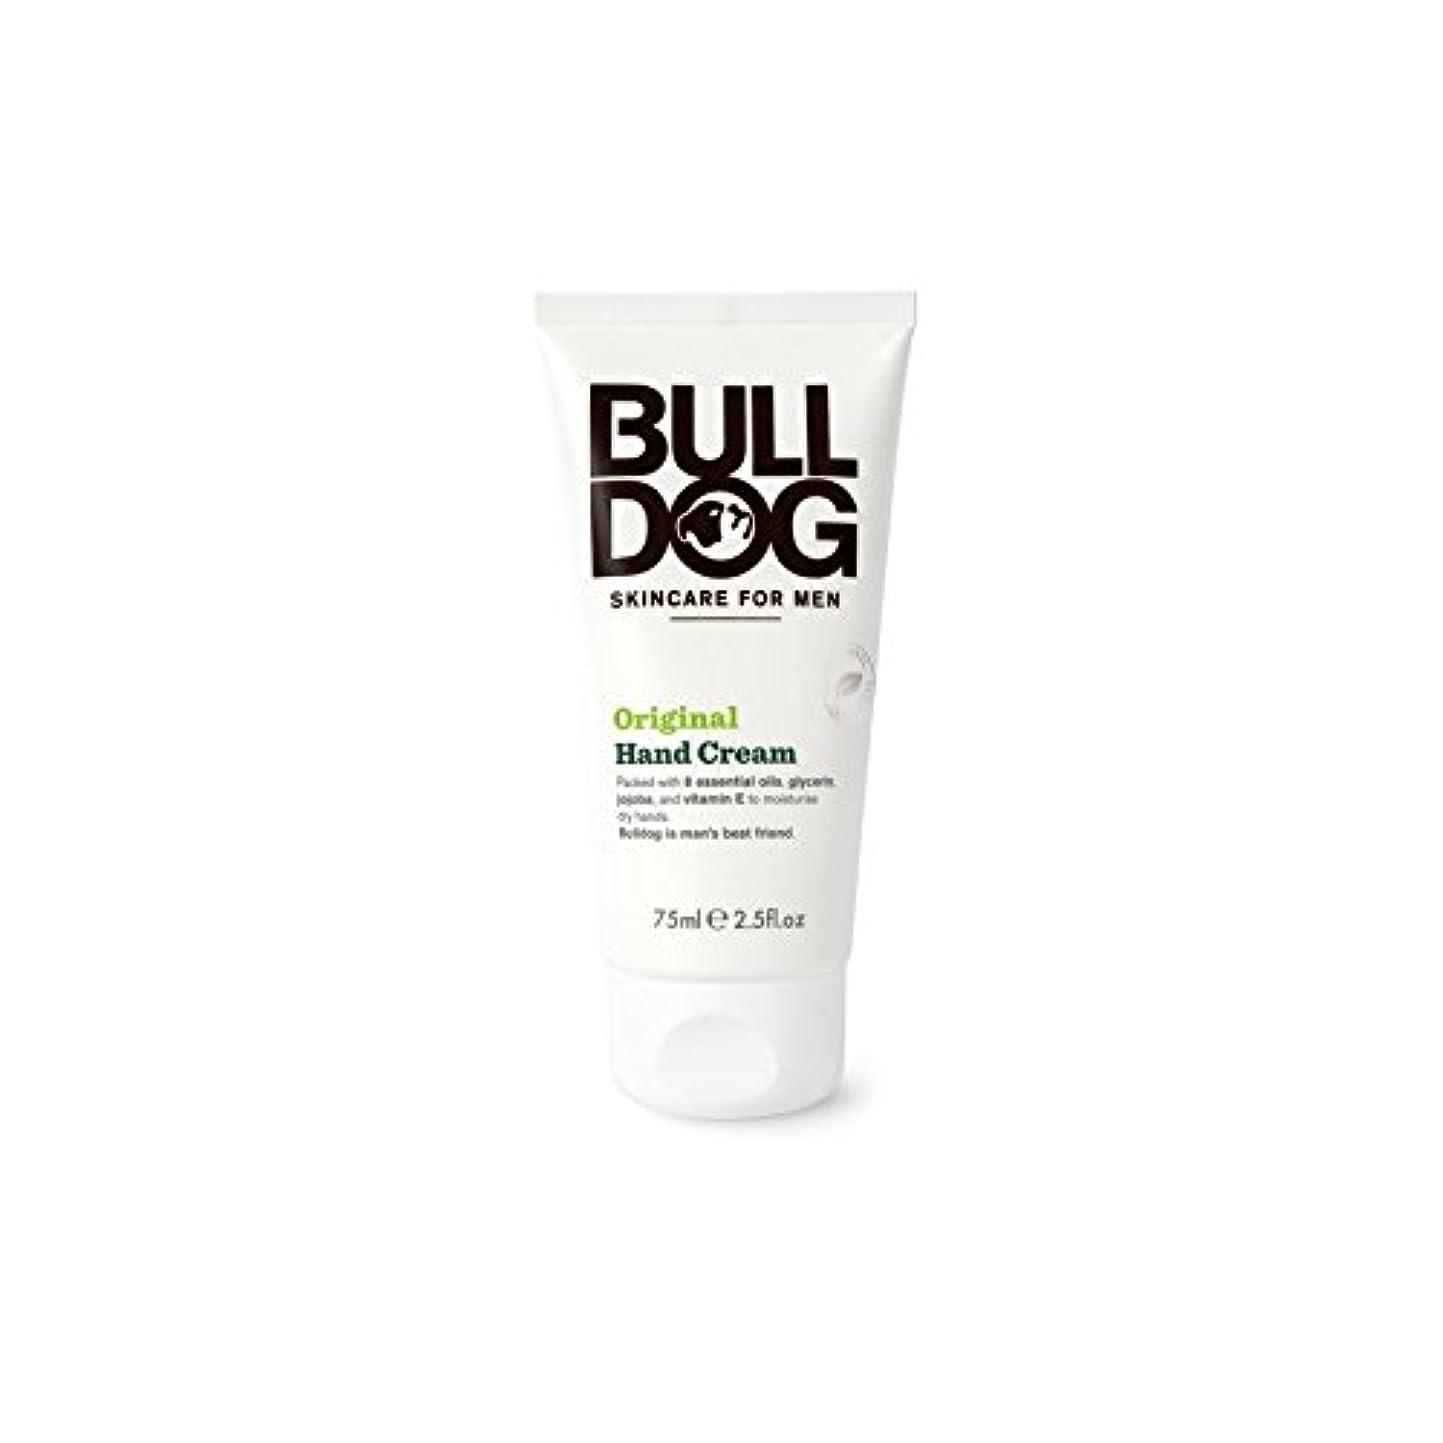 アコー遅い航空Bulldog Original Hand Cream 75ml - ブルドッグオリジナルのハンドクリーム75ミリリットル [並行輸入品]